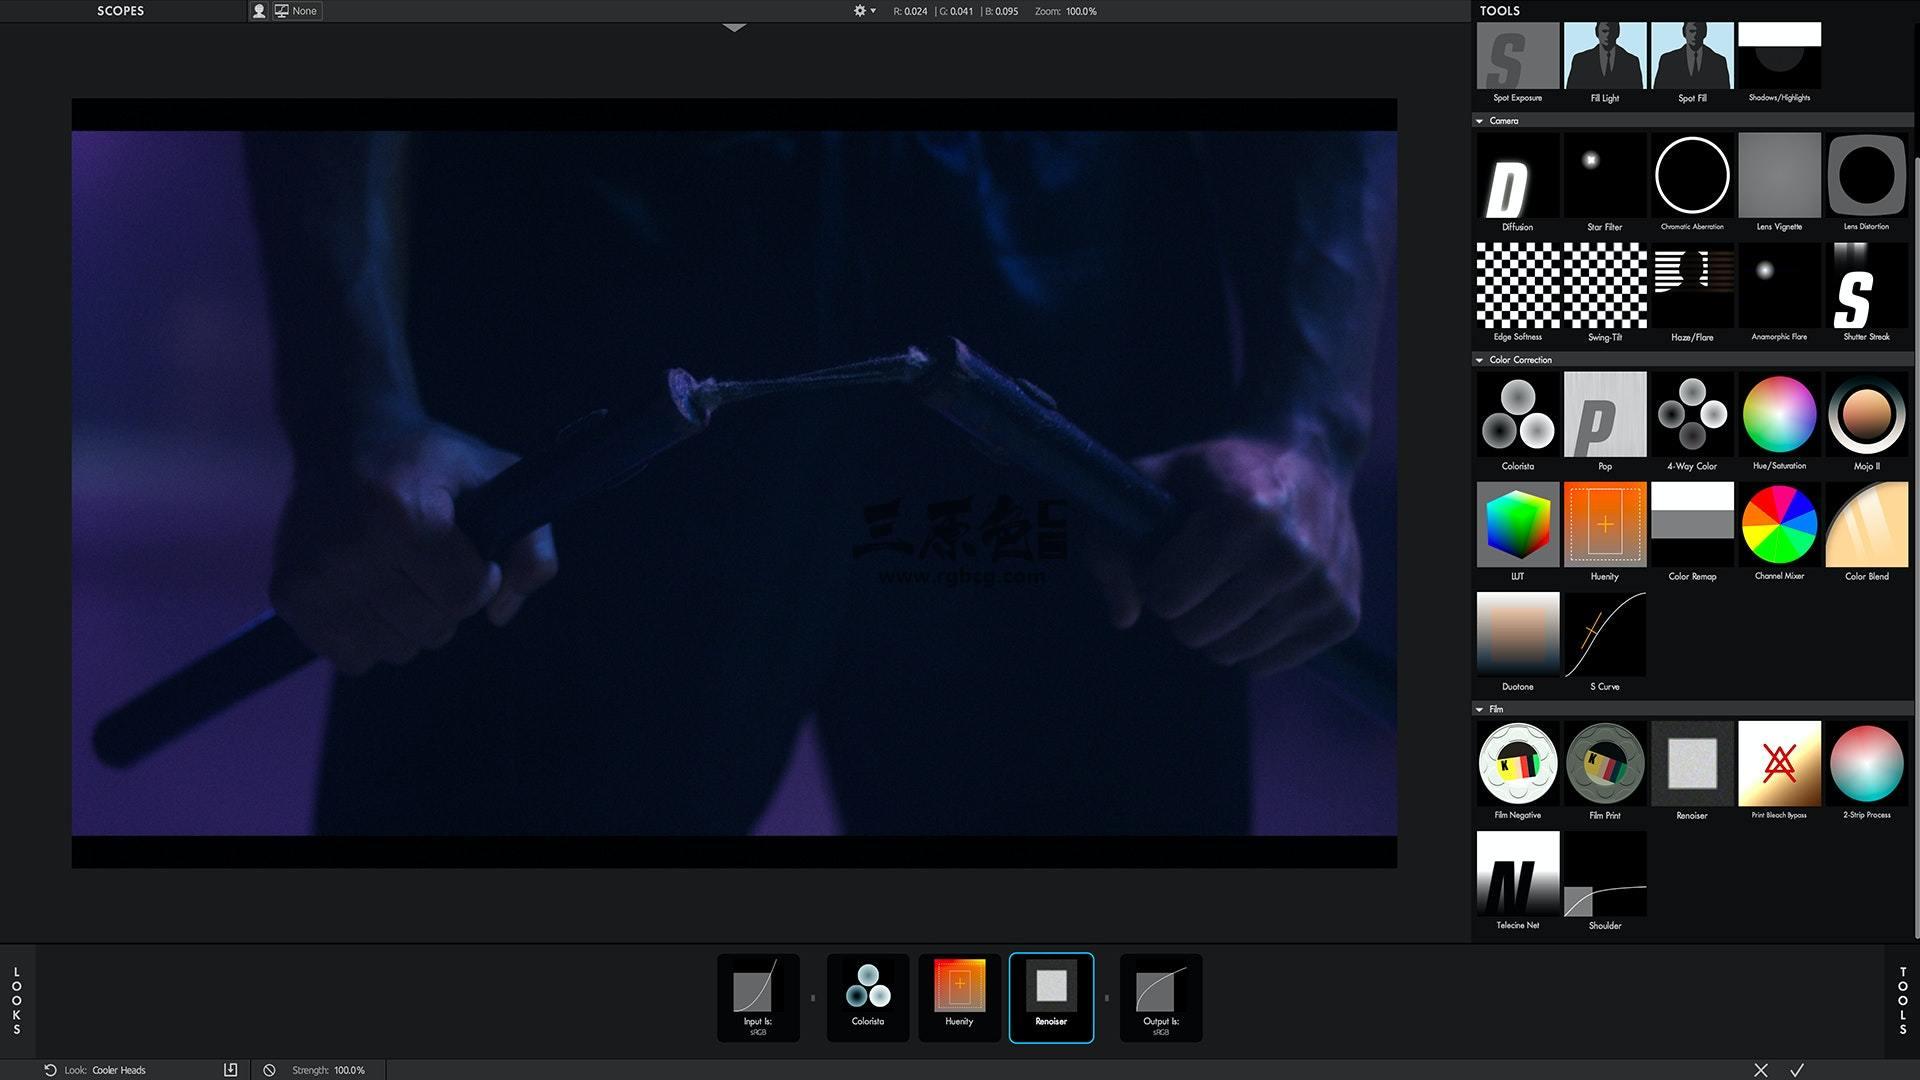 AE/PR插件 色彩校正和电影效果调色插件 Magic Bullet Looks v4 一键安装 Ae 插件-第1张